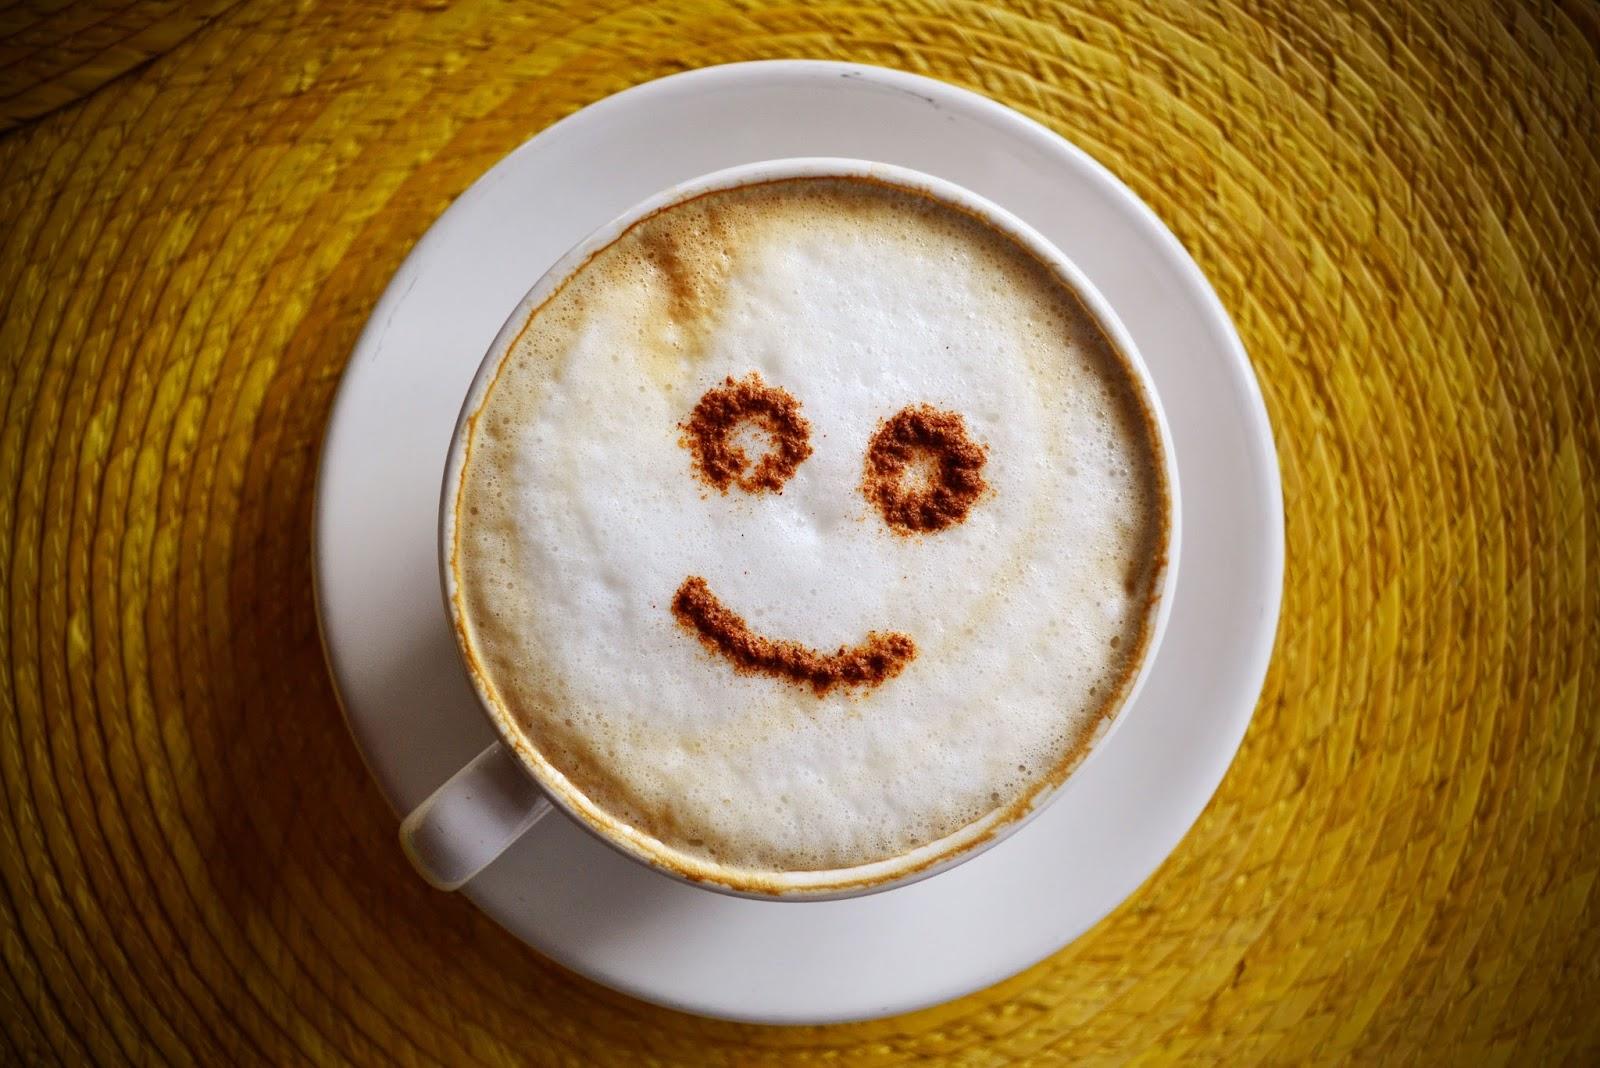 Позитивная картинка с добрым утром для поднятия настроения